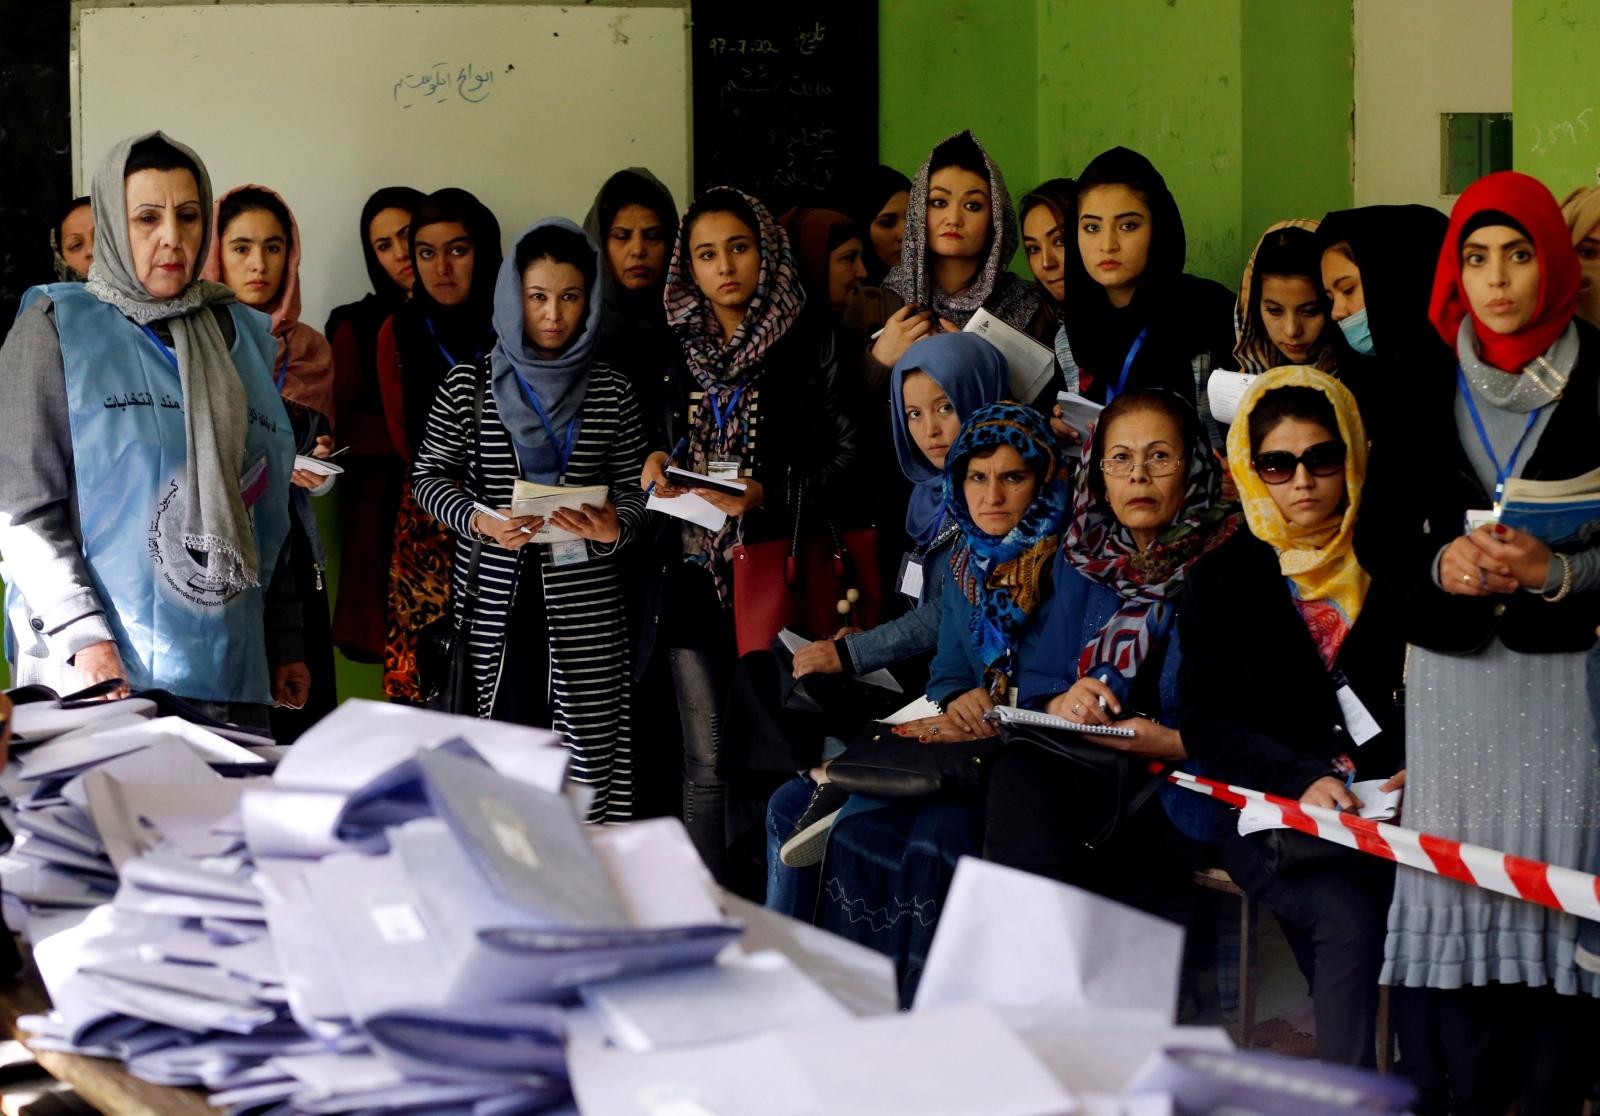 AFGANISTAN 148 izbornih mjesta ostalo zatvoreno i u nedjelju